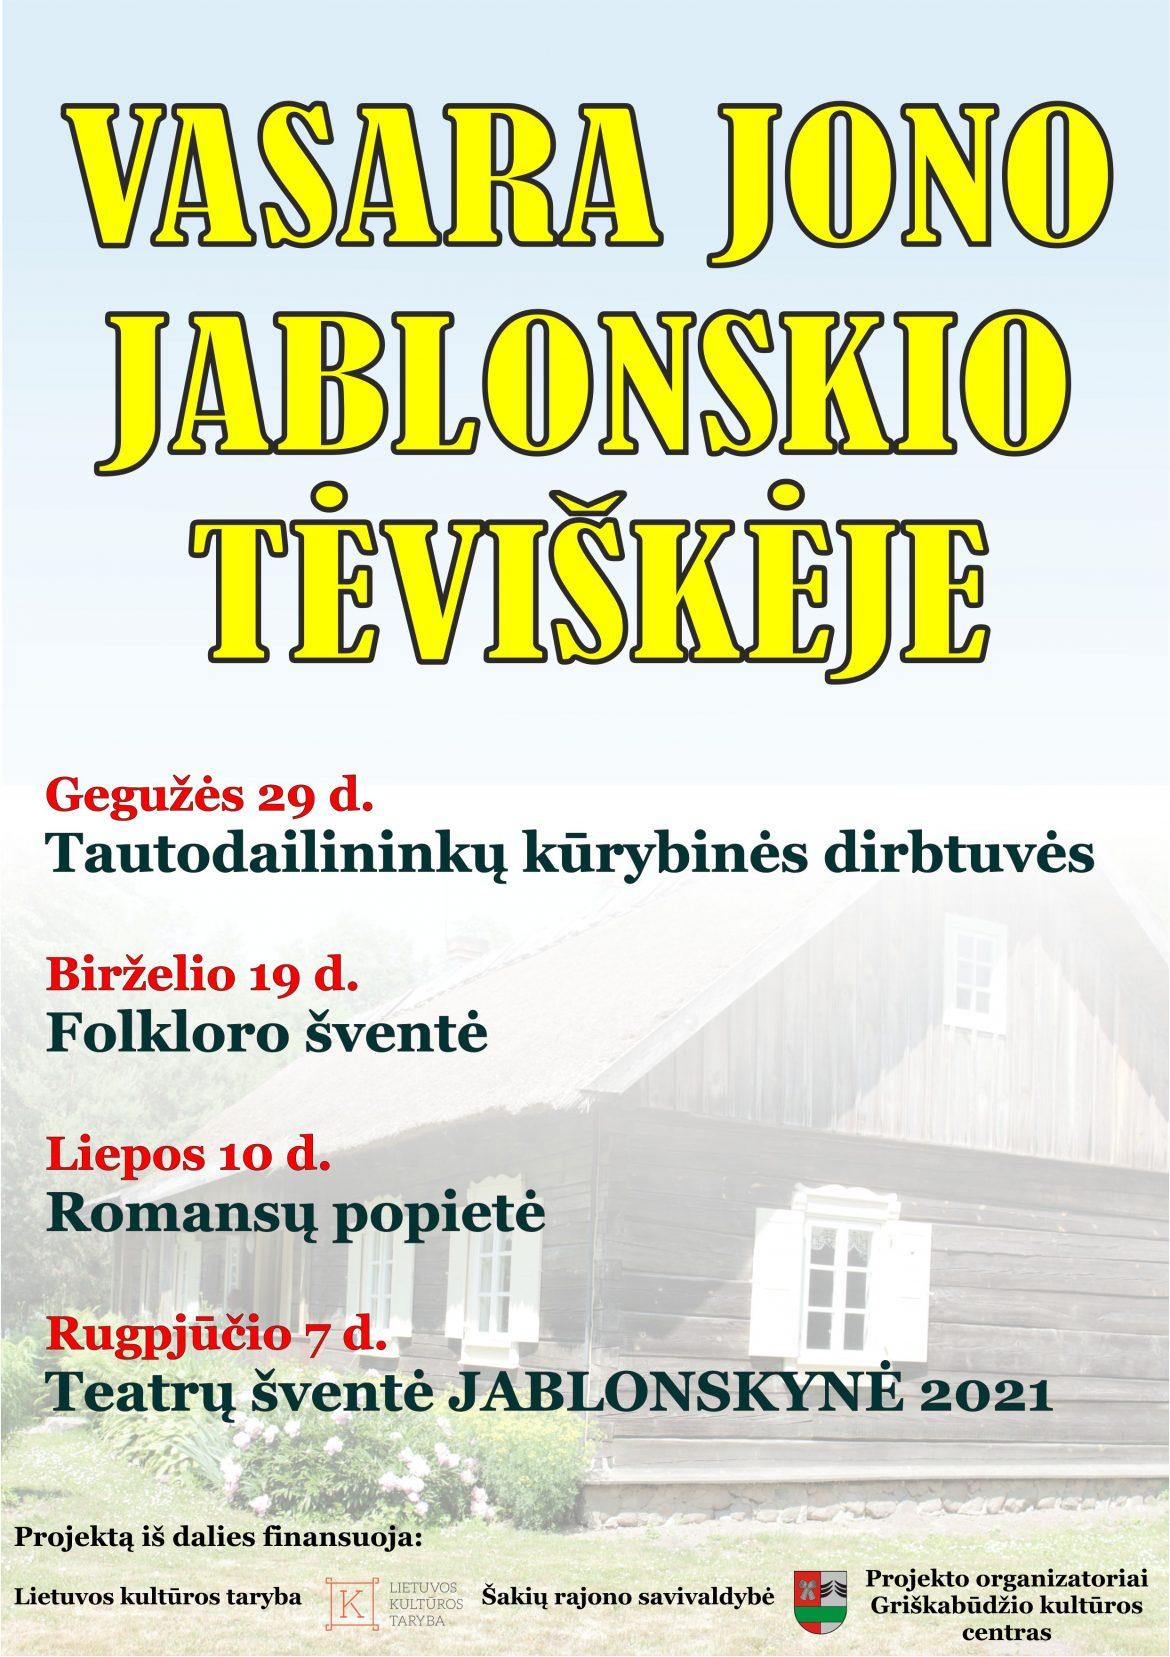 VASARA JONO JABLONSKIO TĖVIŠKĖJE